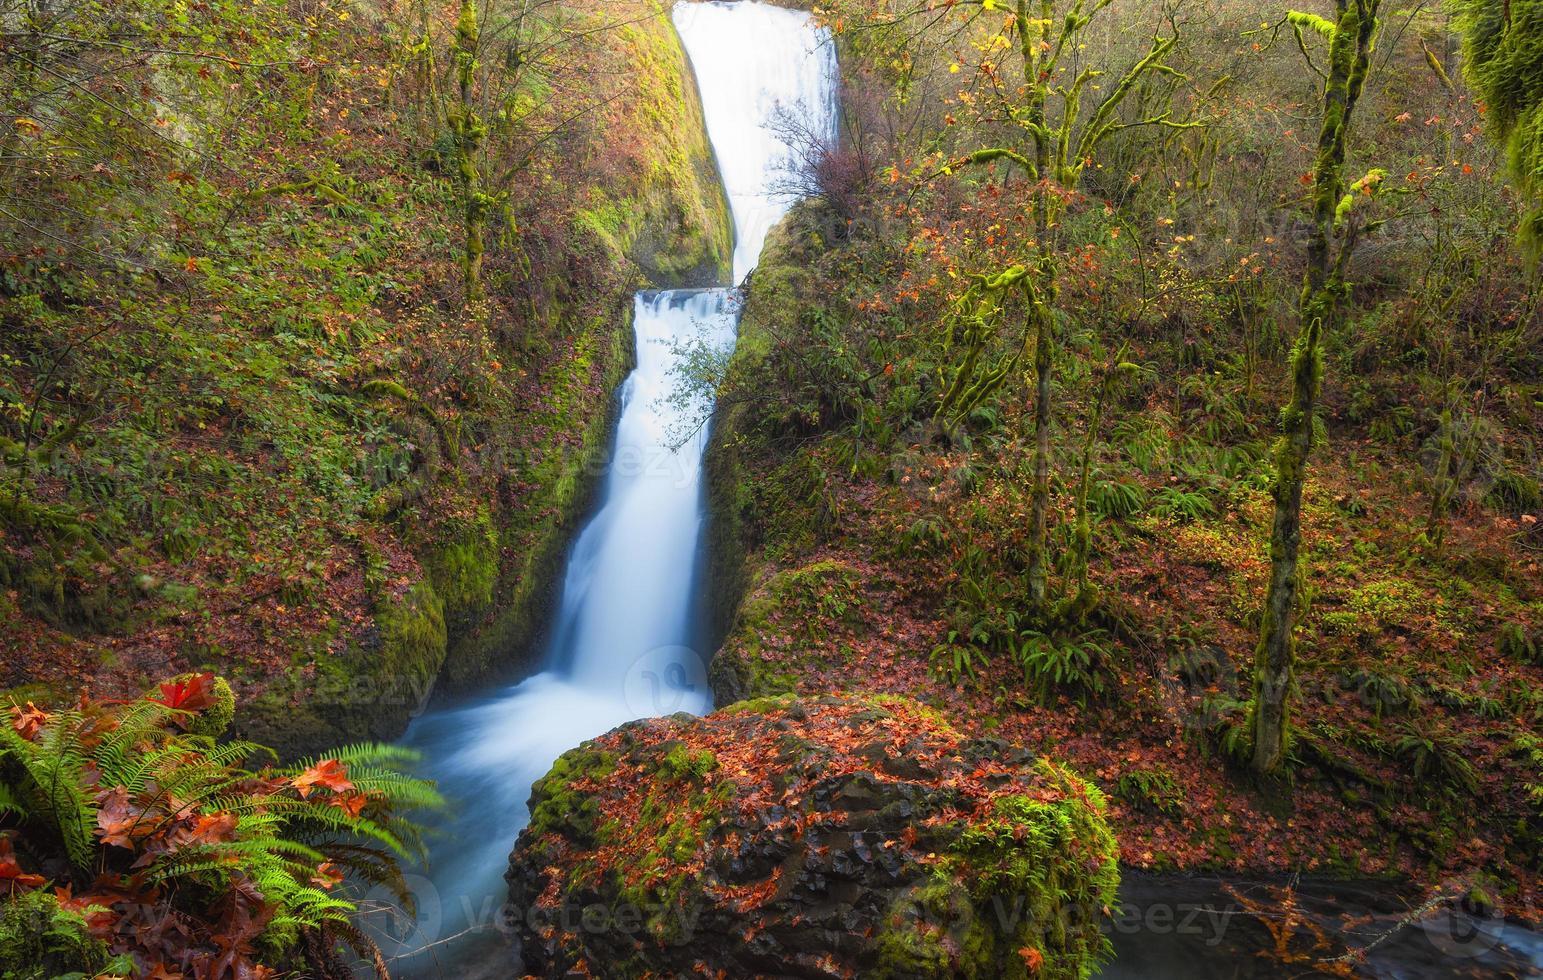 autunno al velo nuziale cade gola del fiume columbia foto